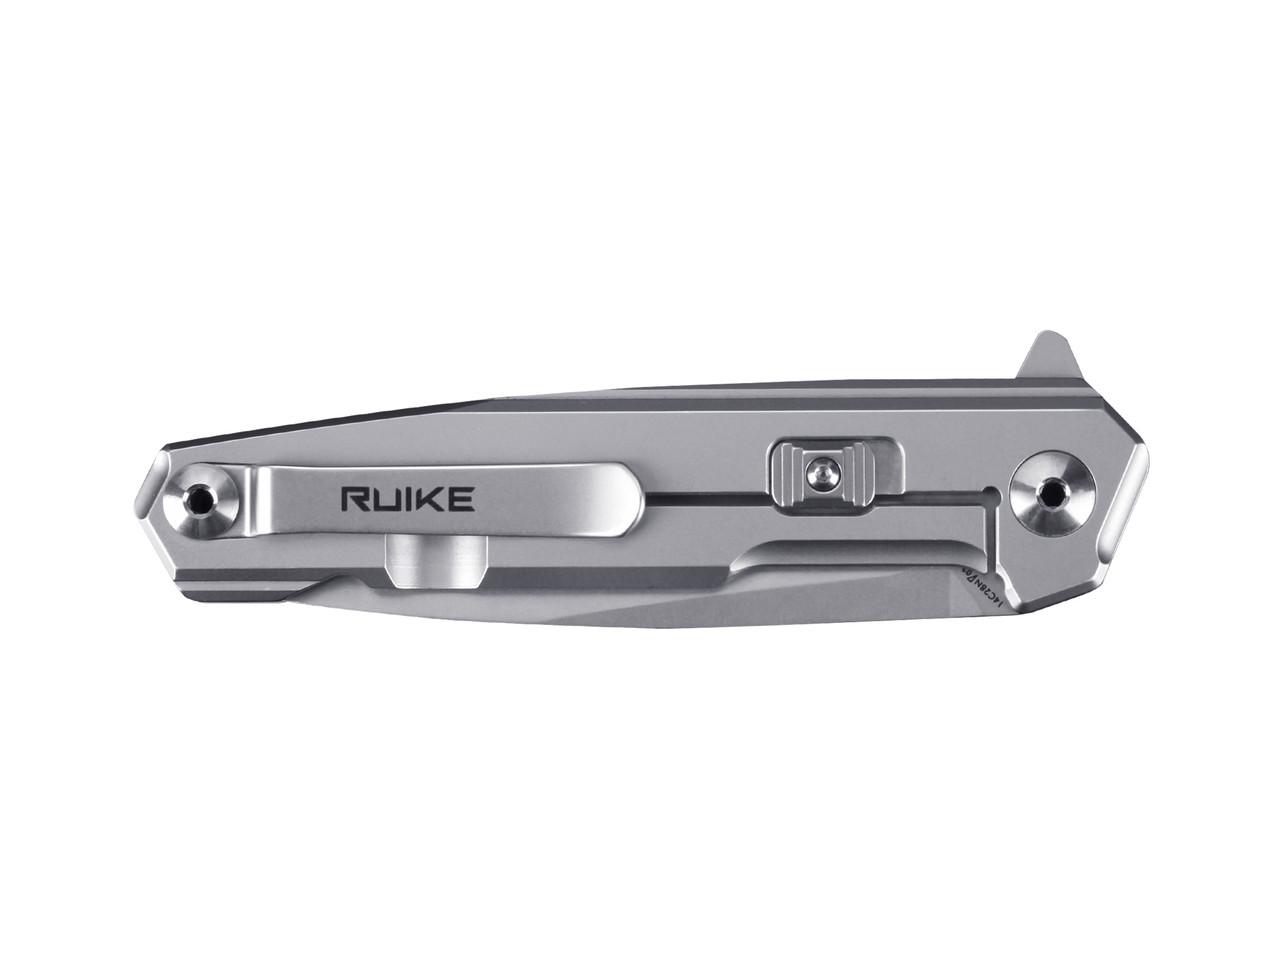 Ніж складний Ruike P875-SZ